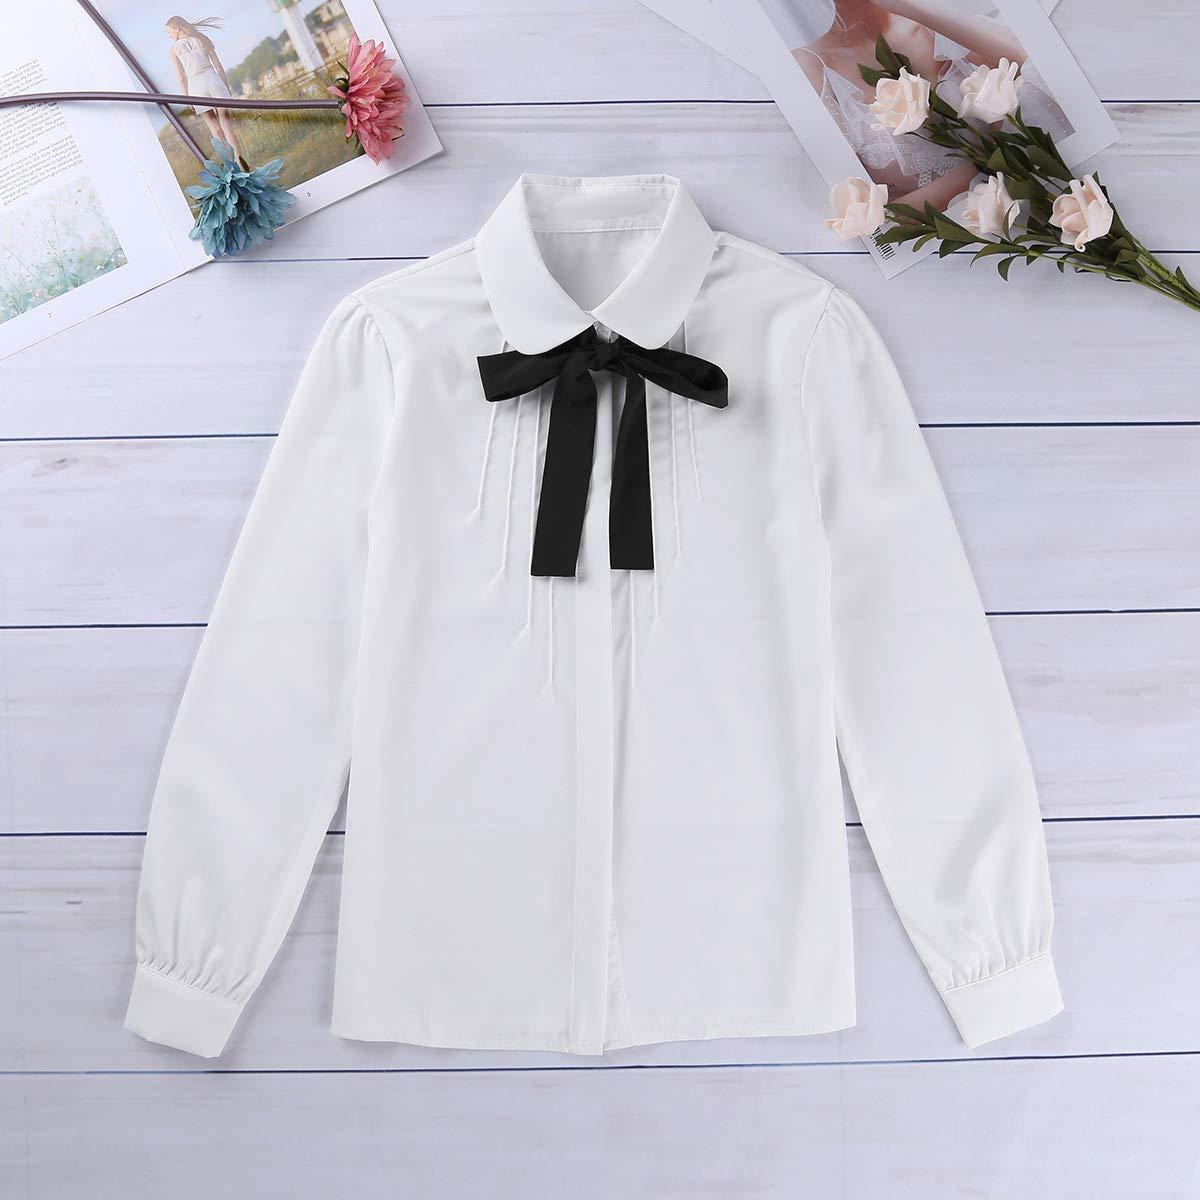 2710069cb7 Freebily Chemisier Femme T-Shirt Haut Cravate Chic à Manche Longue Blouse  Pull Tops Shirt Casual Chemise Automne Hiver Mode Veste Costume Écolière  Soirée ...